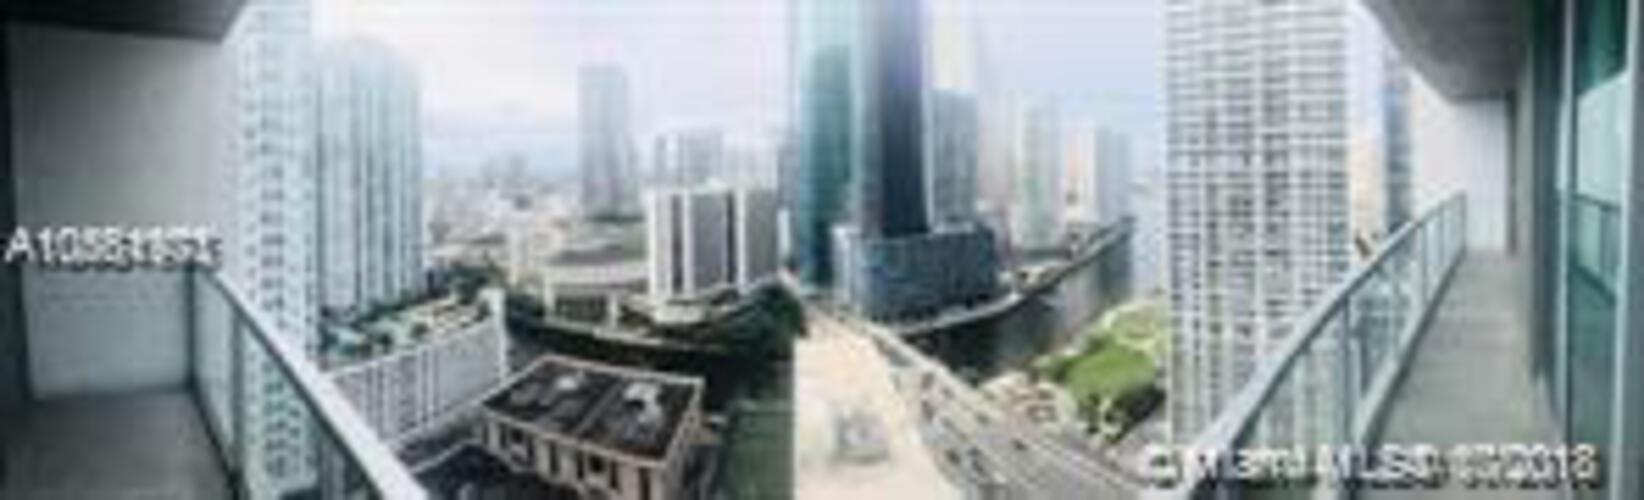 500 Brickell Avenue and 55 SE 6 Street, Miami, FL 33131, 500 Brickell #2905, Brickell, Miami A10561971 image #12